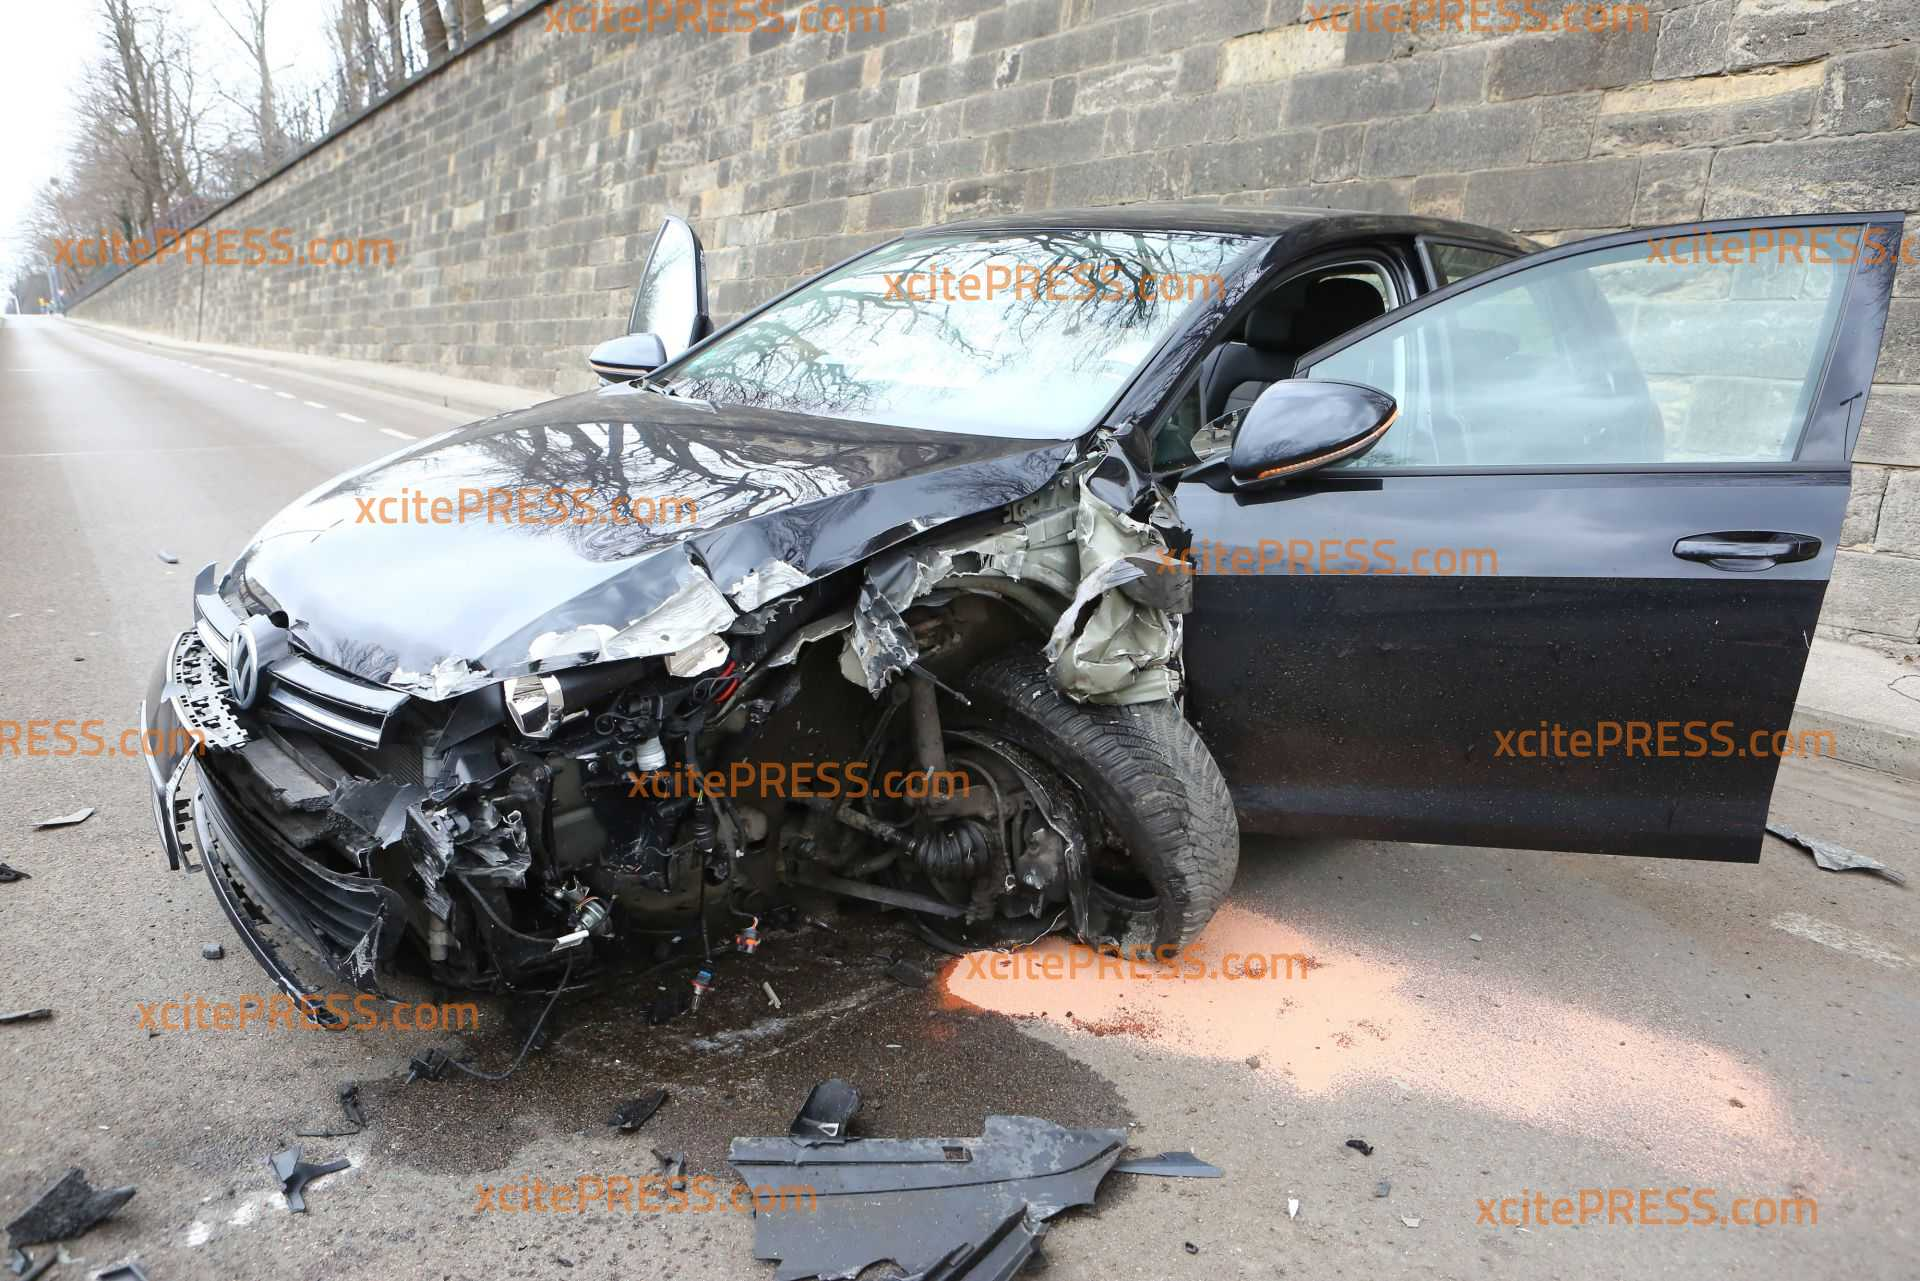 VW kollidiert mit Lampenmast und stellt sich quer: Fahrer hat Glück im Unglück und bleibt unverletzt